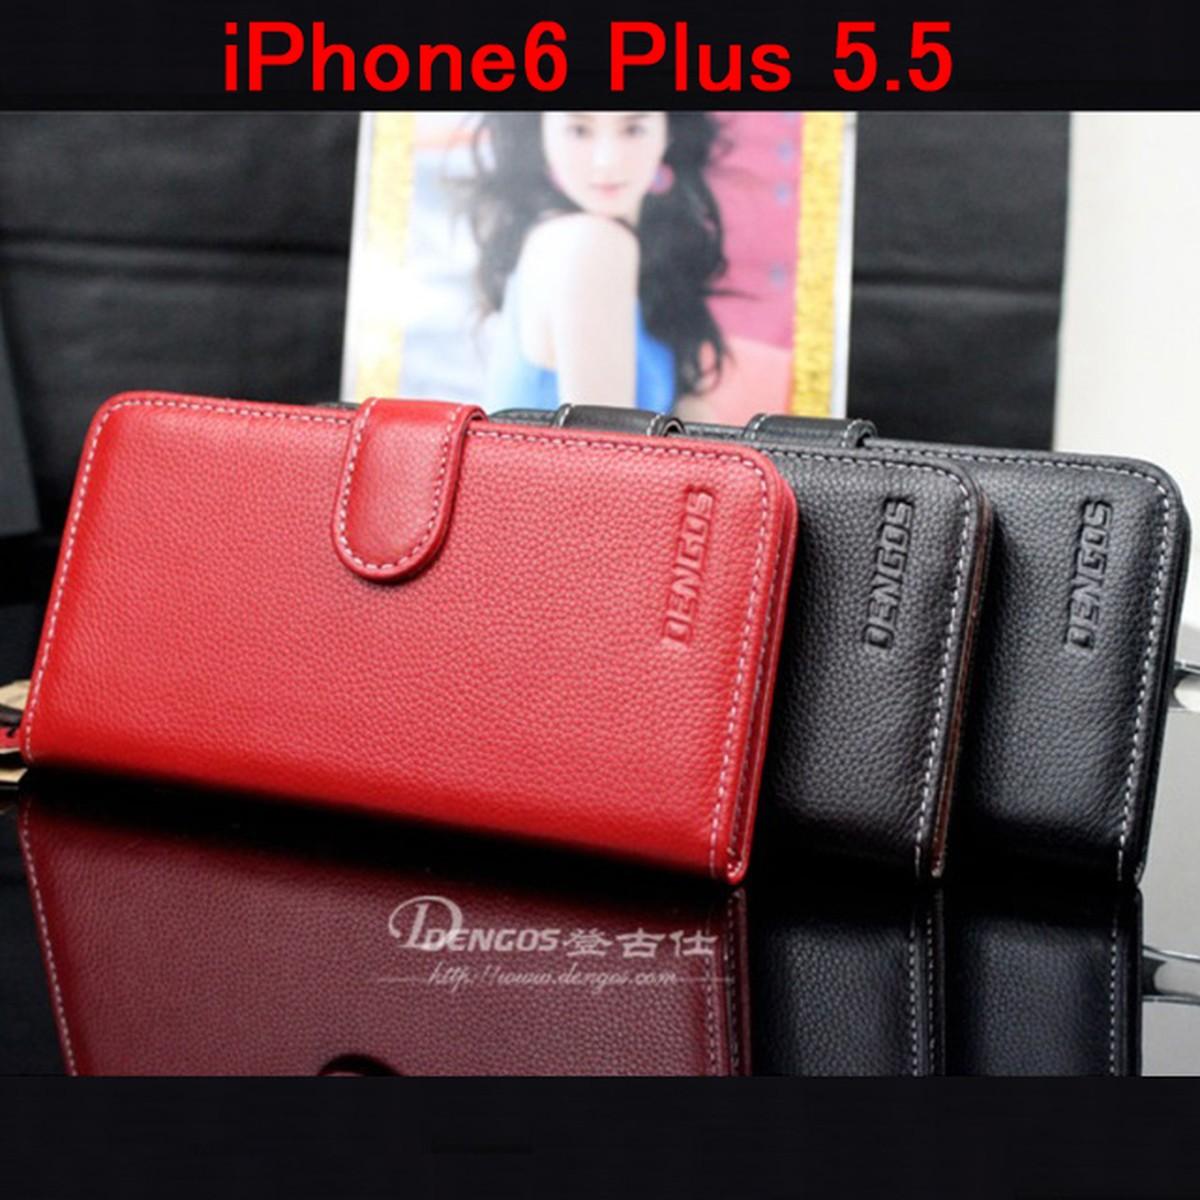 ゆうパケット メール便 送料200円 iPhone6 贈呈 Plus iPhone6s 受注生産品 5.5インチ 高級本革 赤色 牛革 スマートフォンケース 本革ケースA カバー 濃い茶 黒色